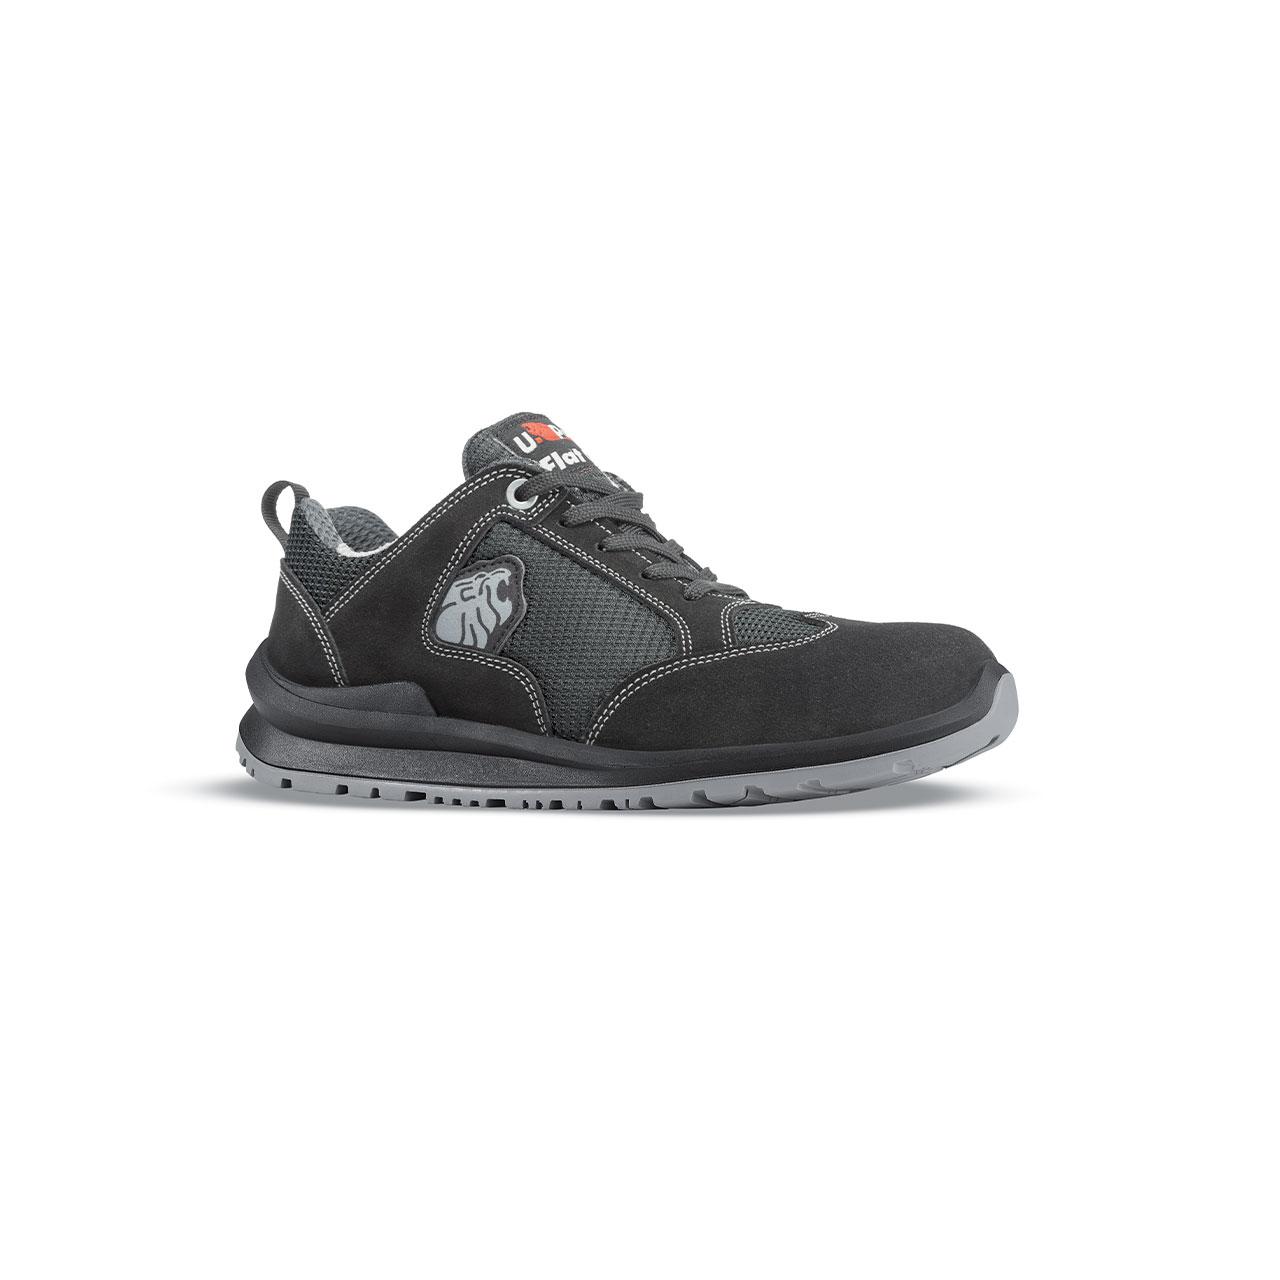 scarpa antinfortunistica upower modello robert linea flatout vista laterale